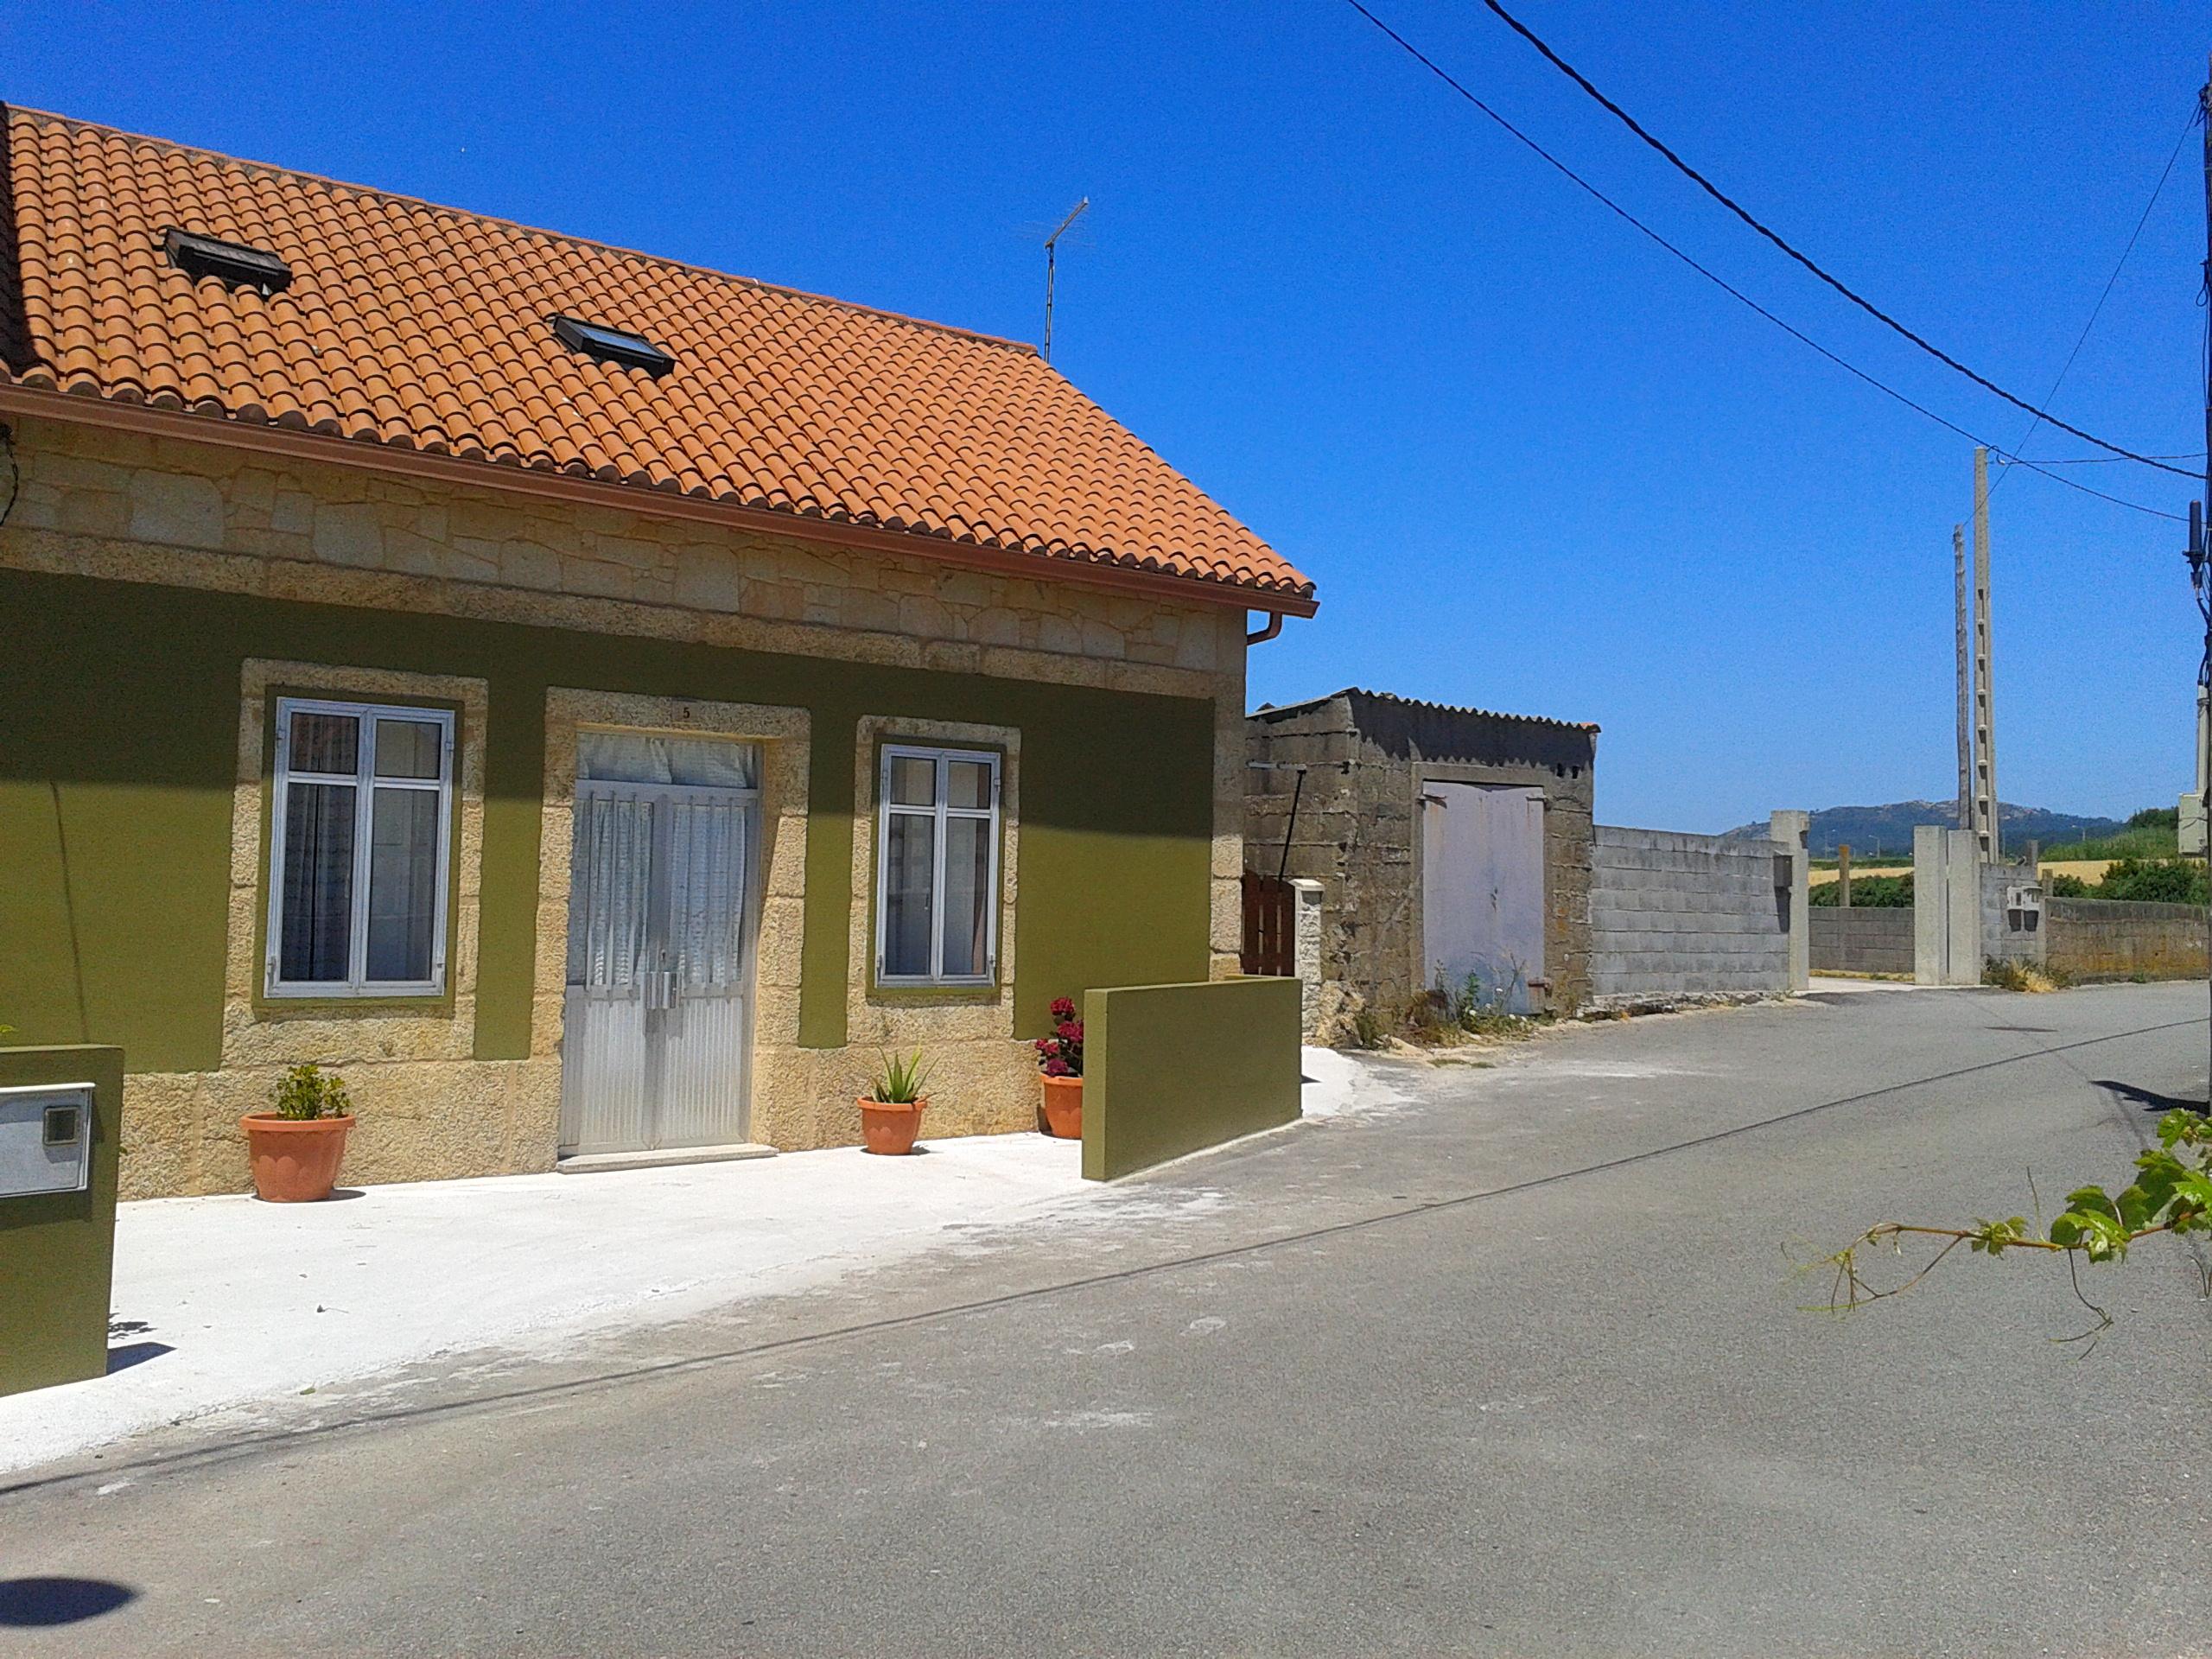 Casa areeiros turismo rural galicia - Casas turismo rural galicia ...